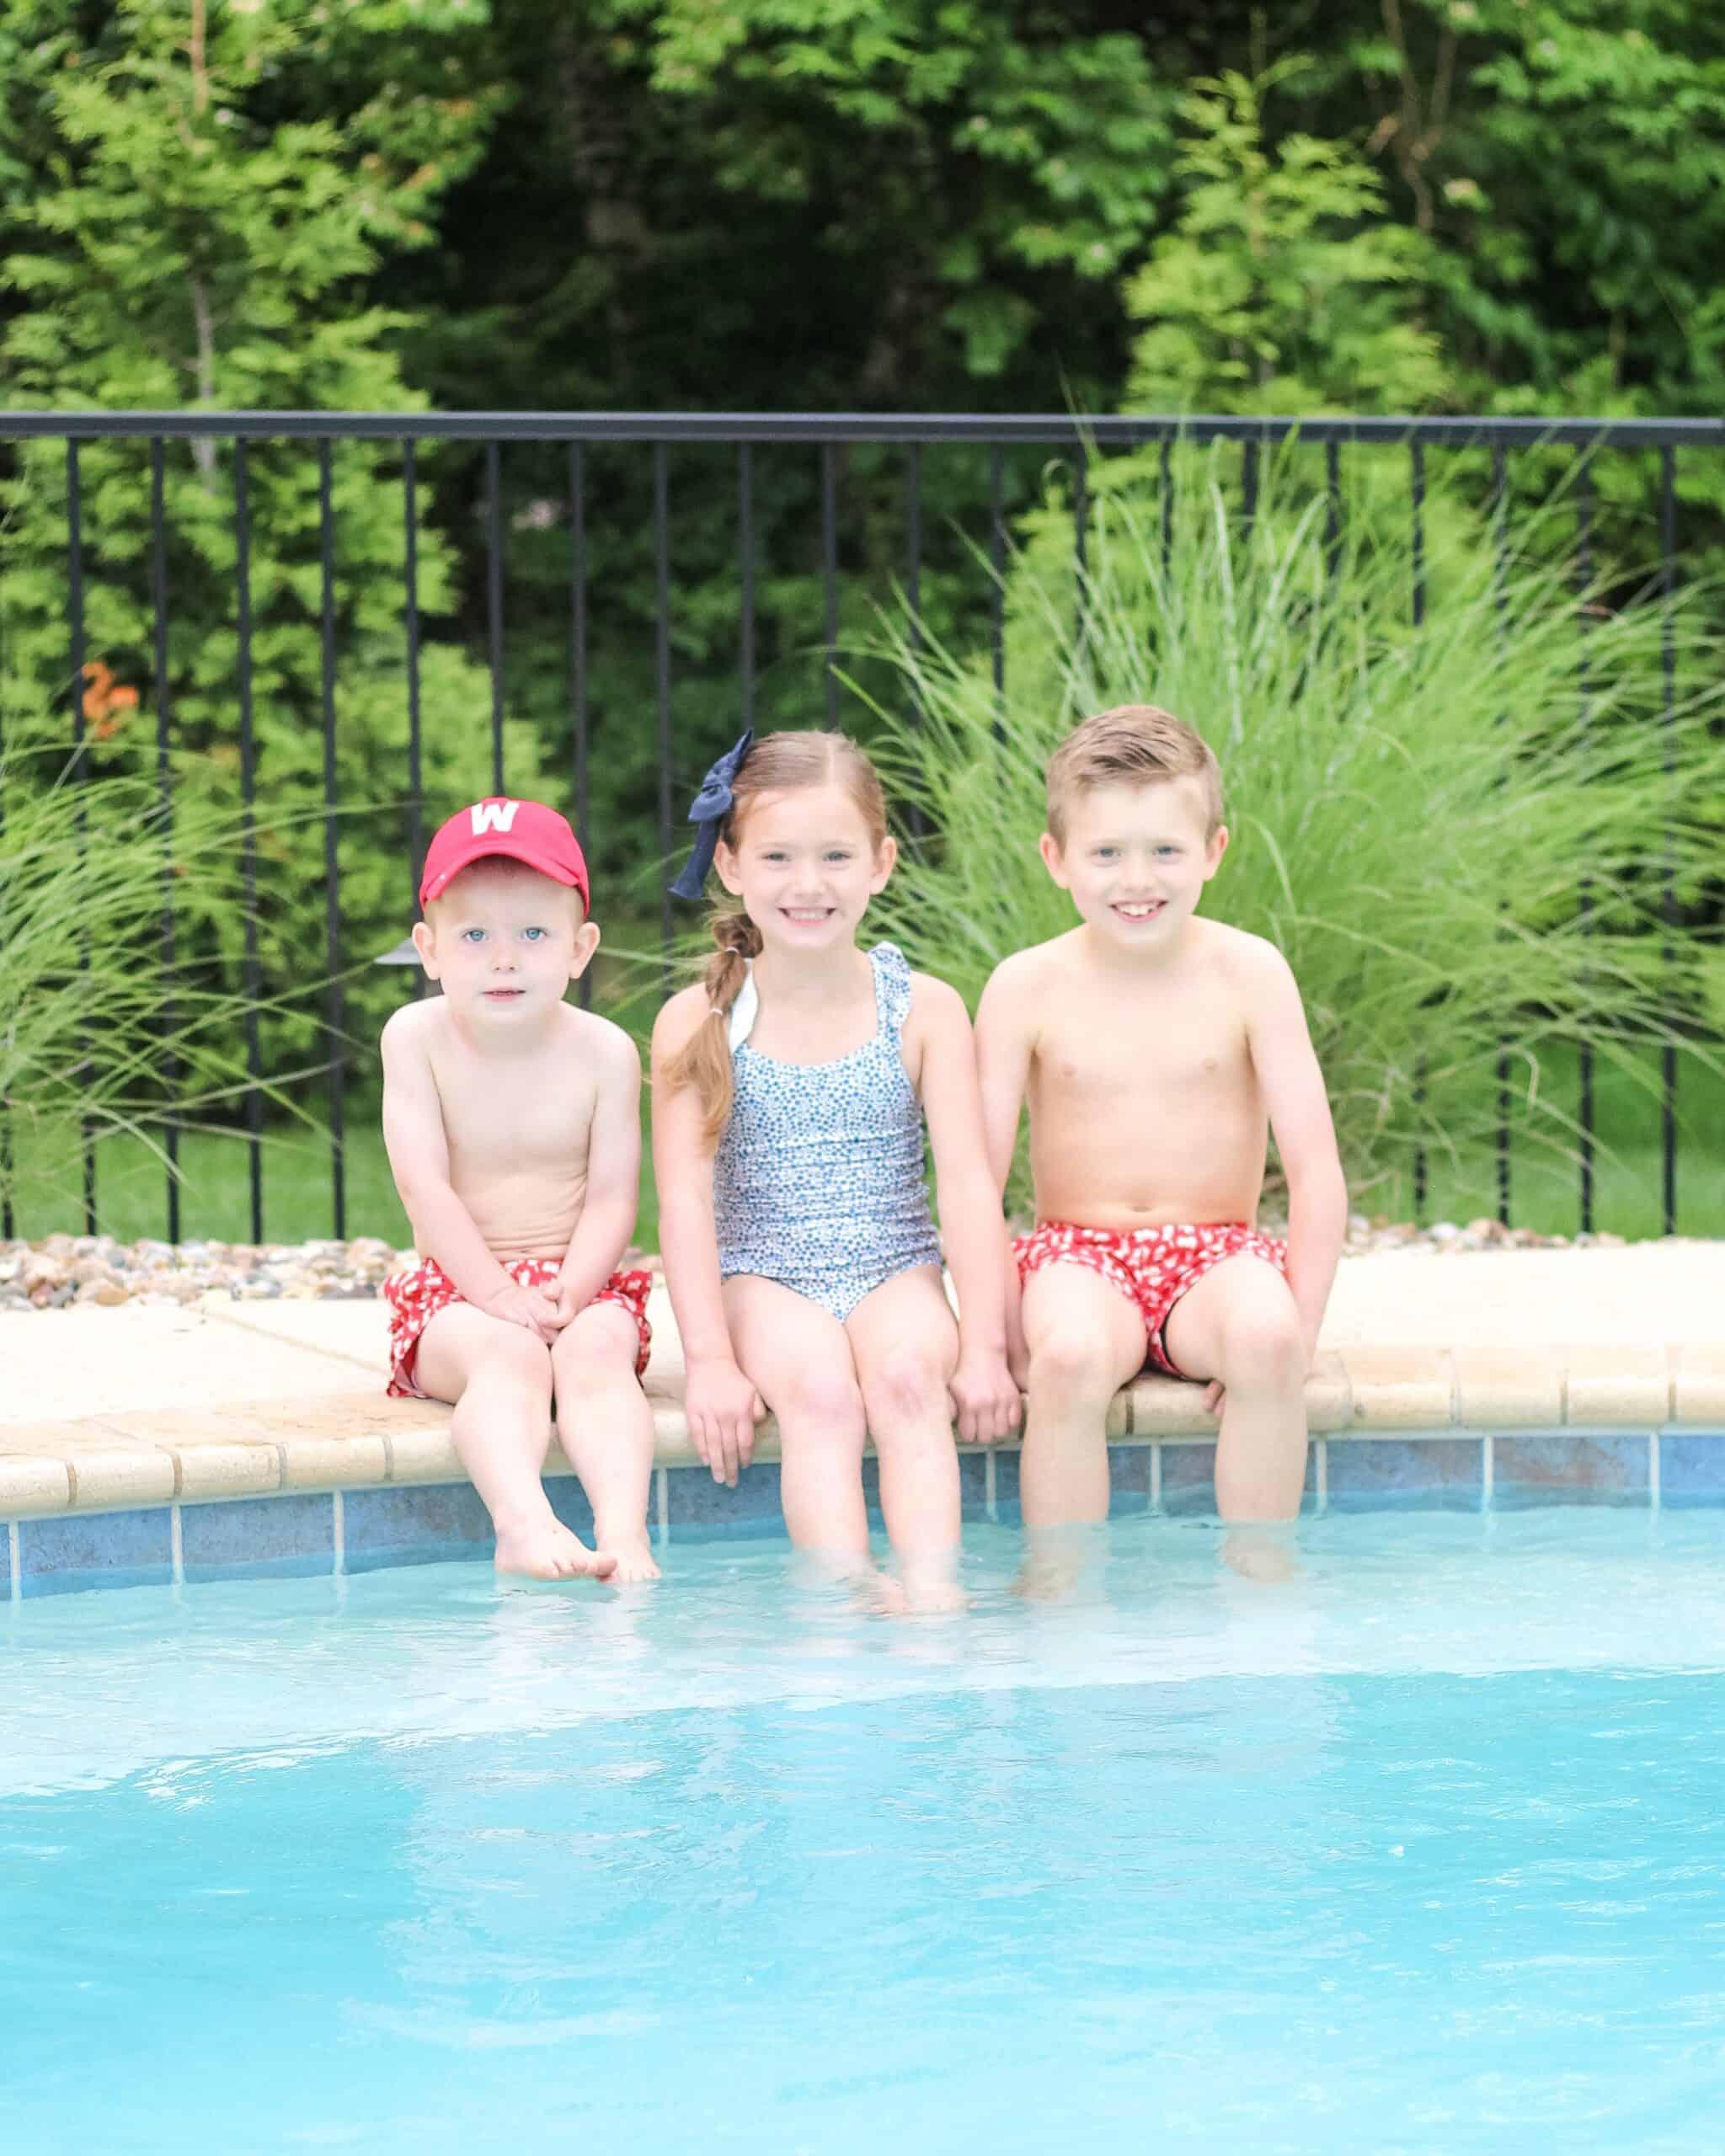 siblings in patriotic swimsuits